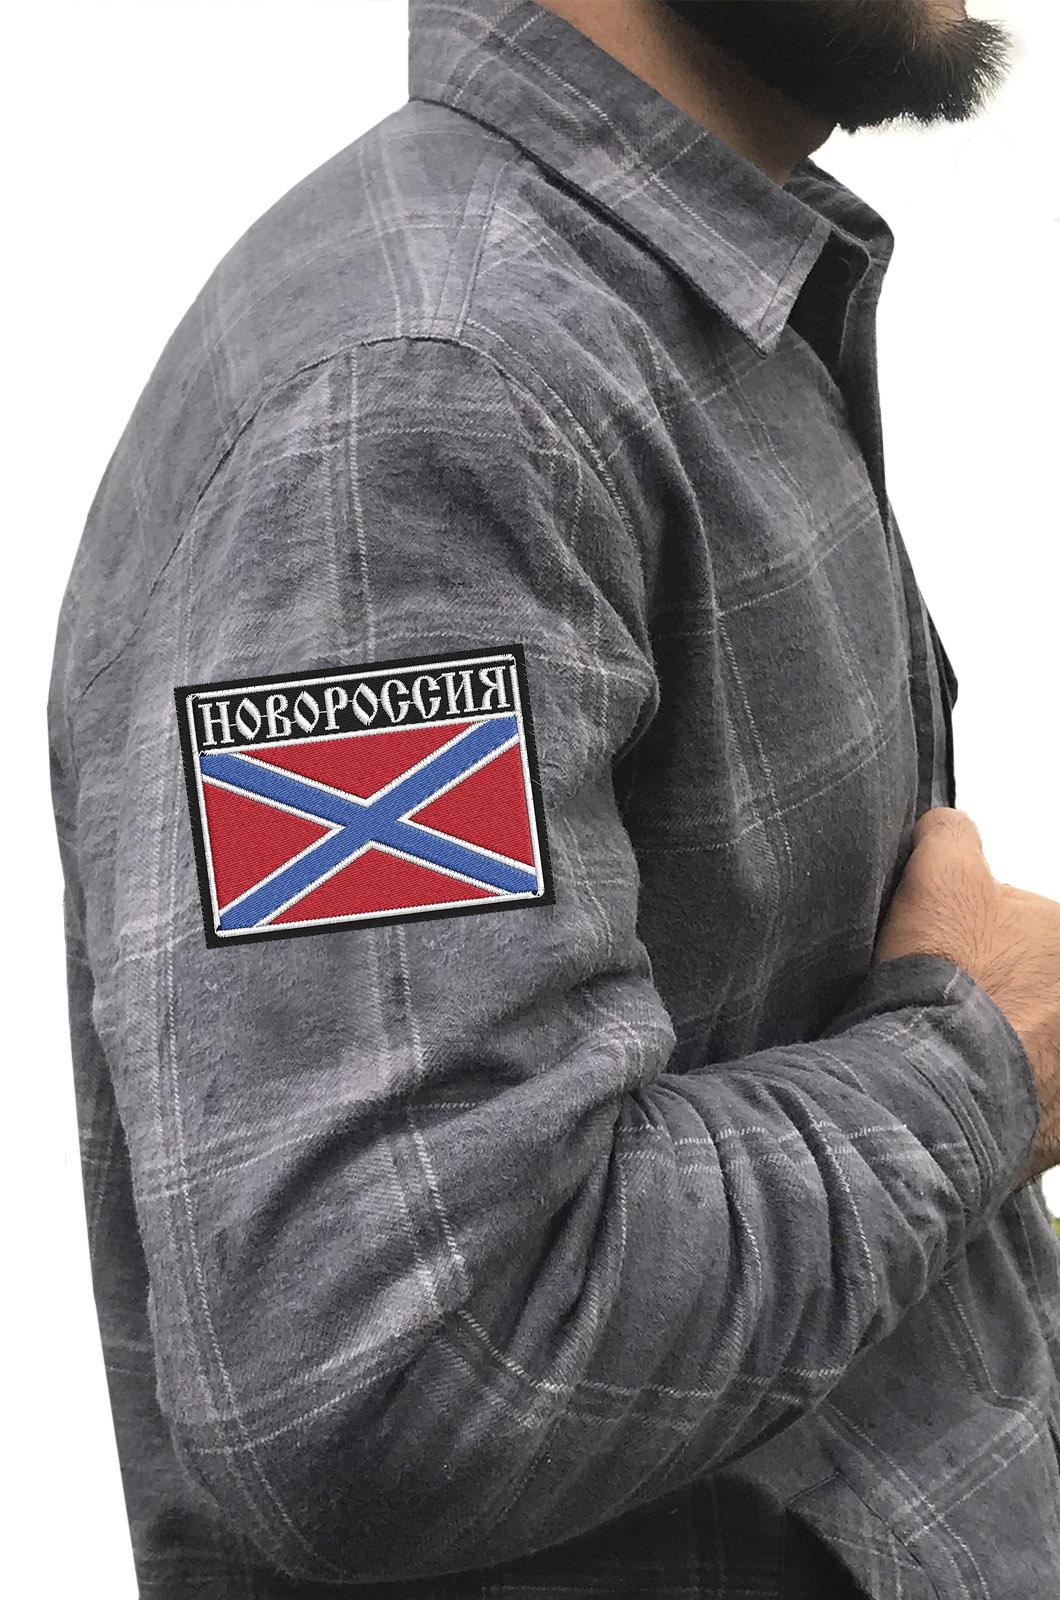 Мужская теплая рубашка с вышитым шевроном Новороссия - купить оптом